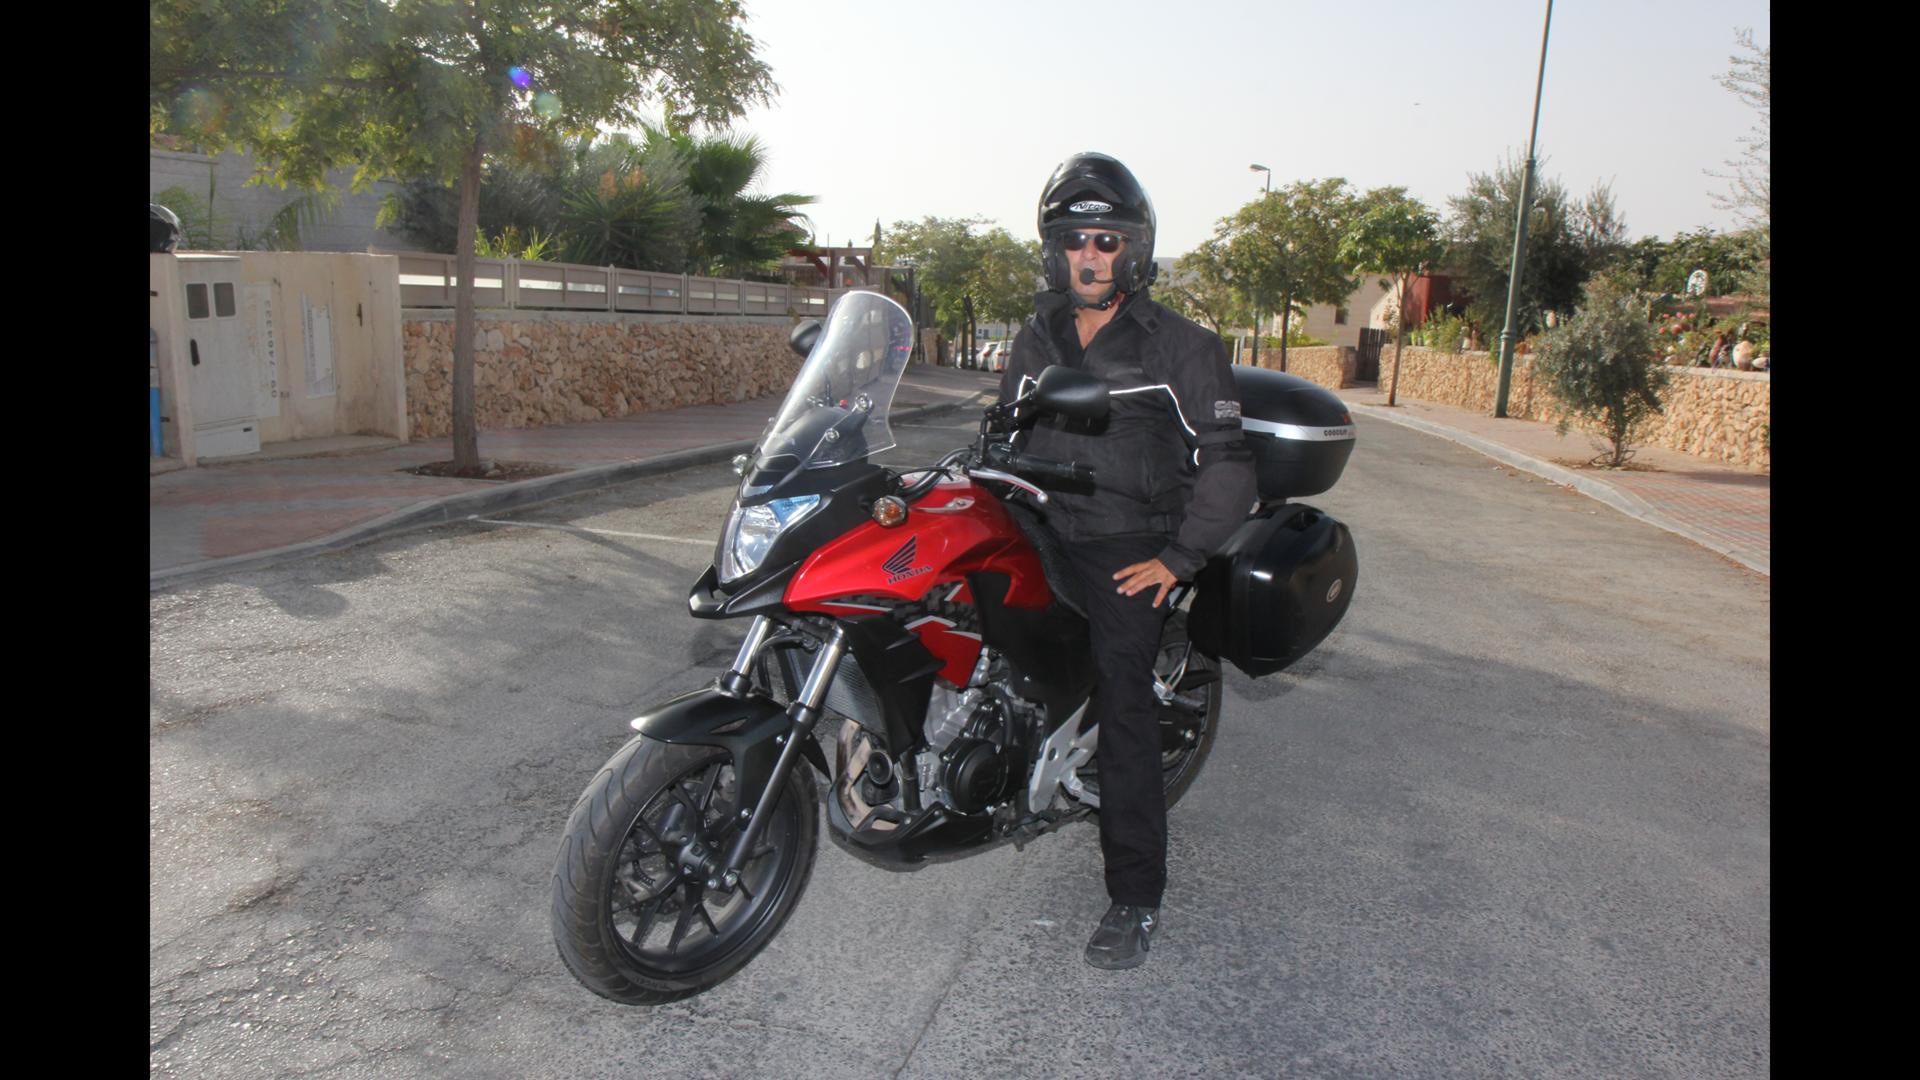 מיוחדים הונדה CBX 2014 יד 1 31000 קמ - 37500 שח | לוח אופנועים הומלס DJ-02